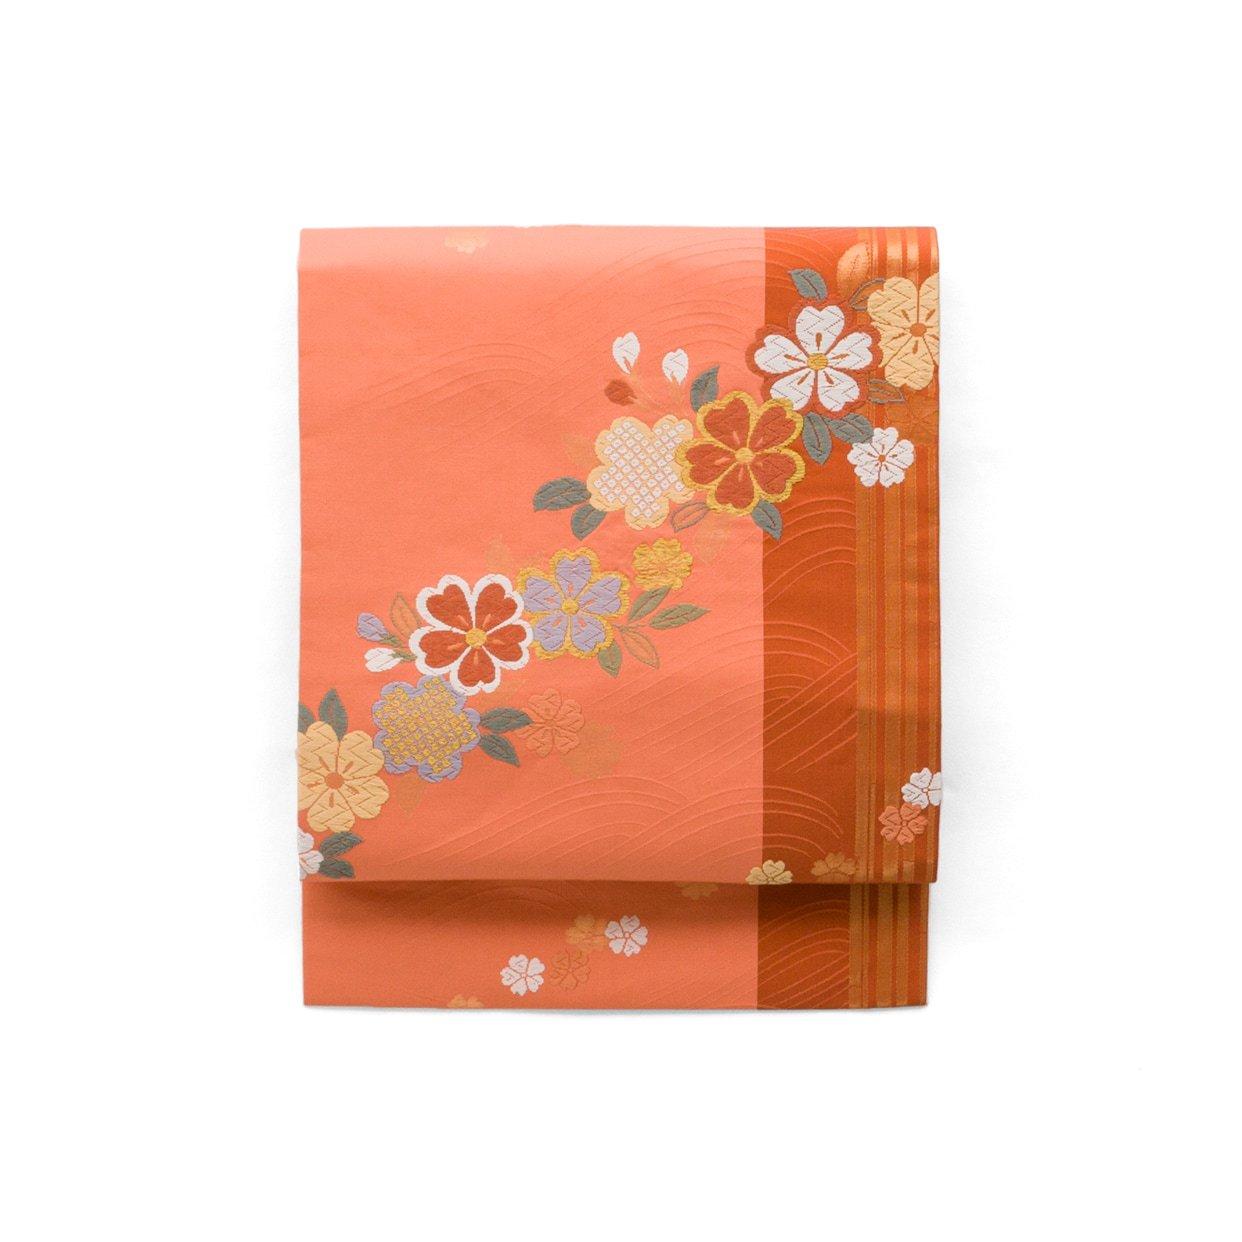 「波に桜」の商品画像